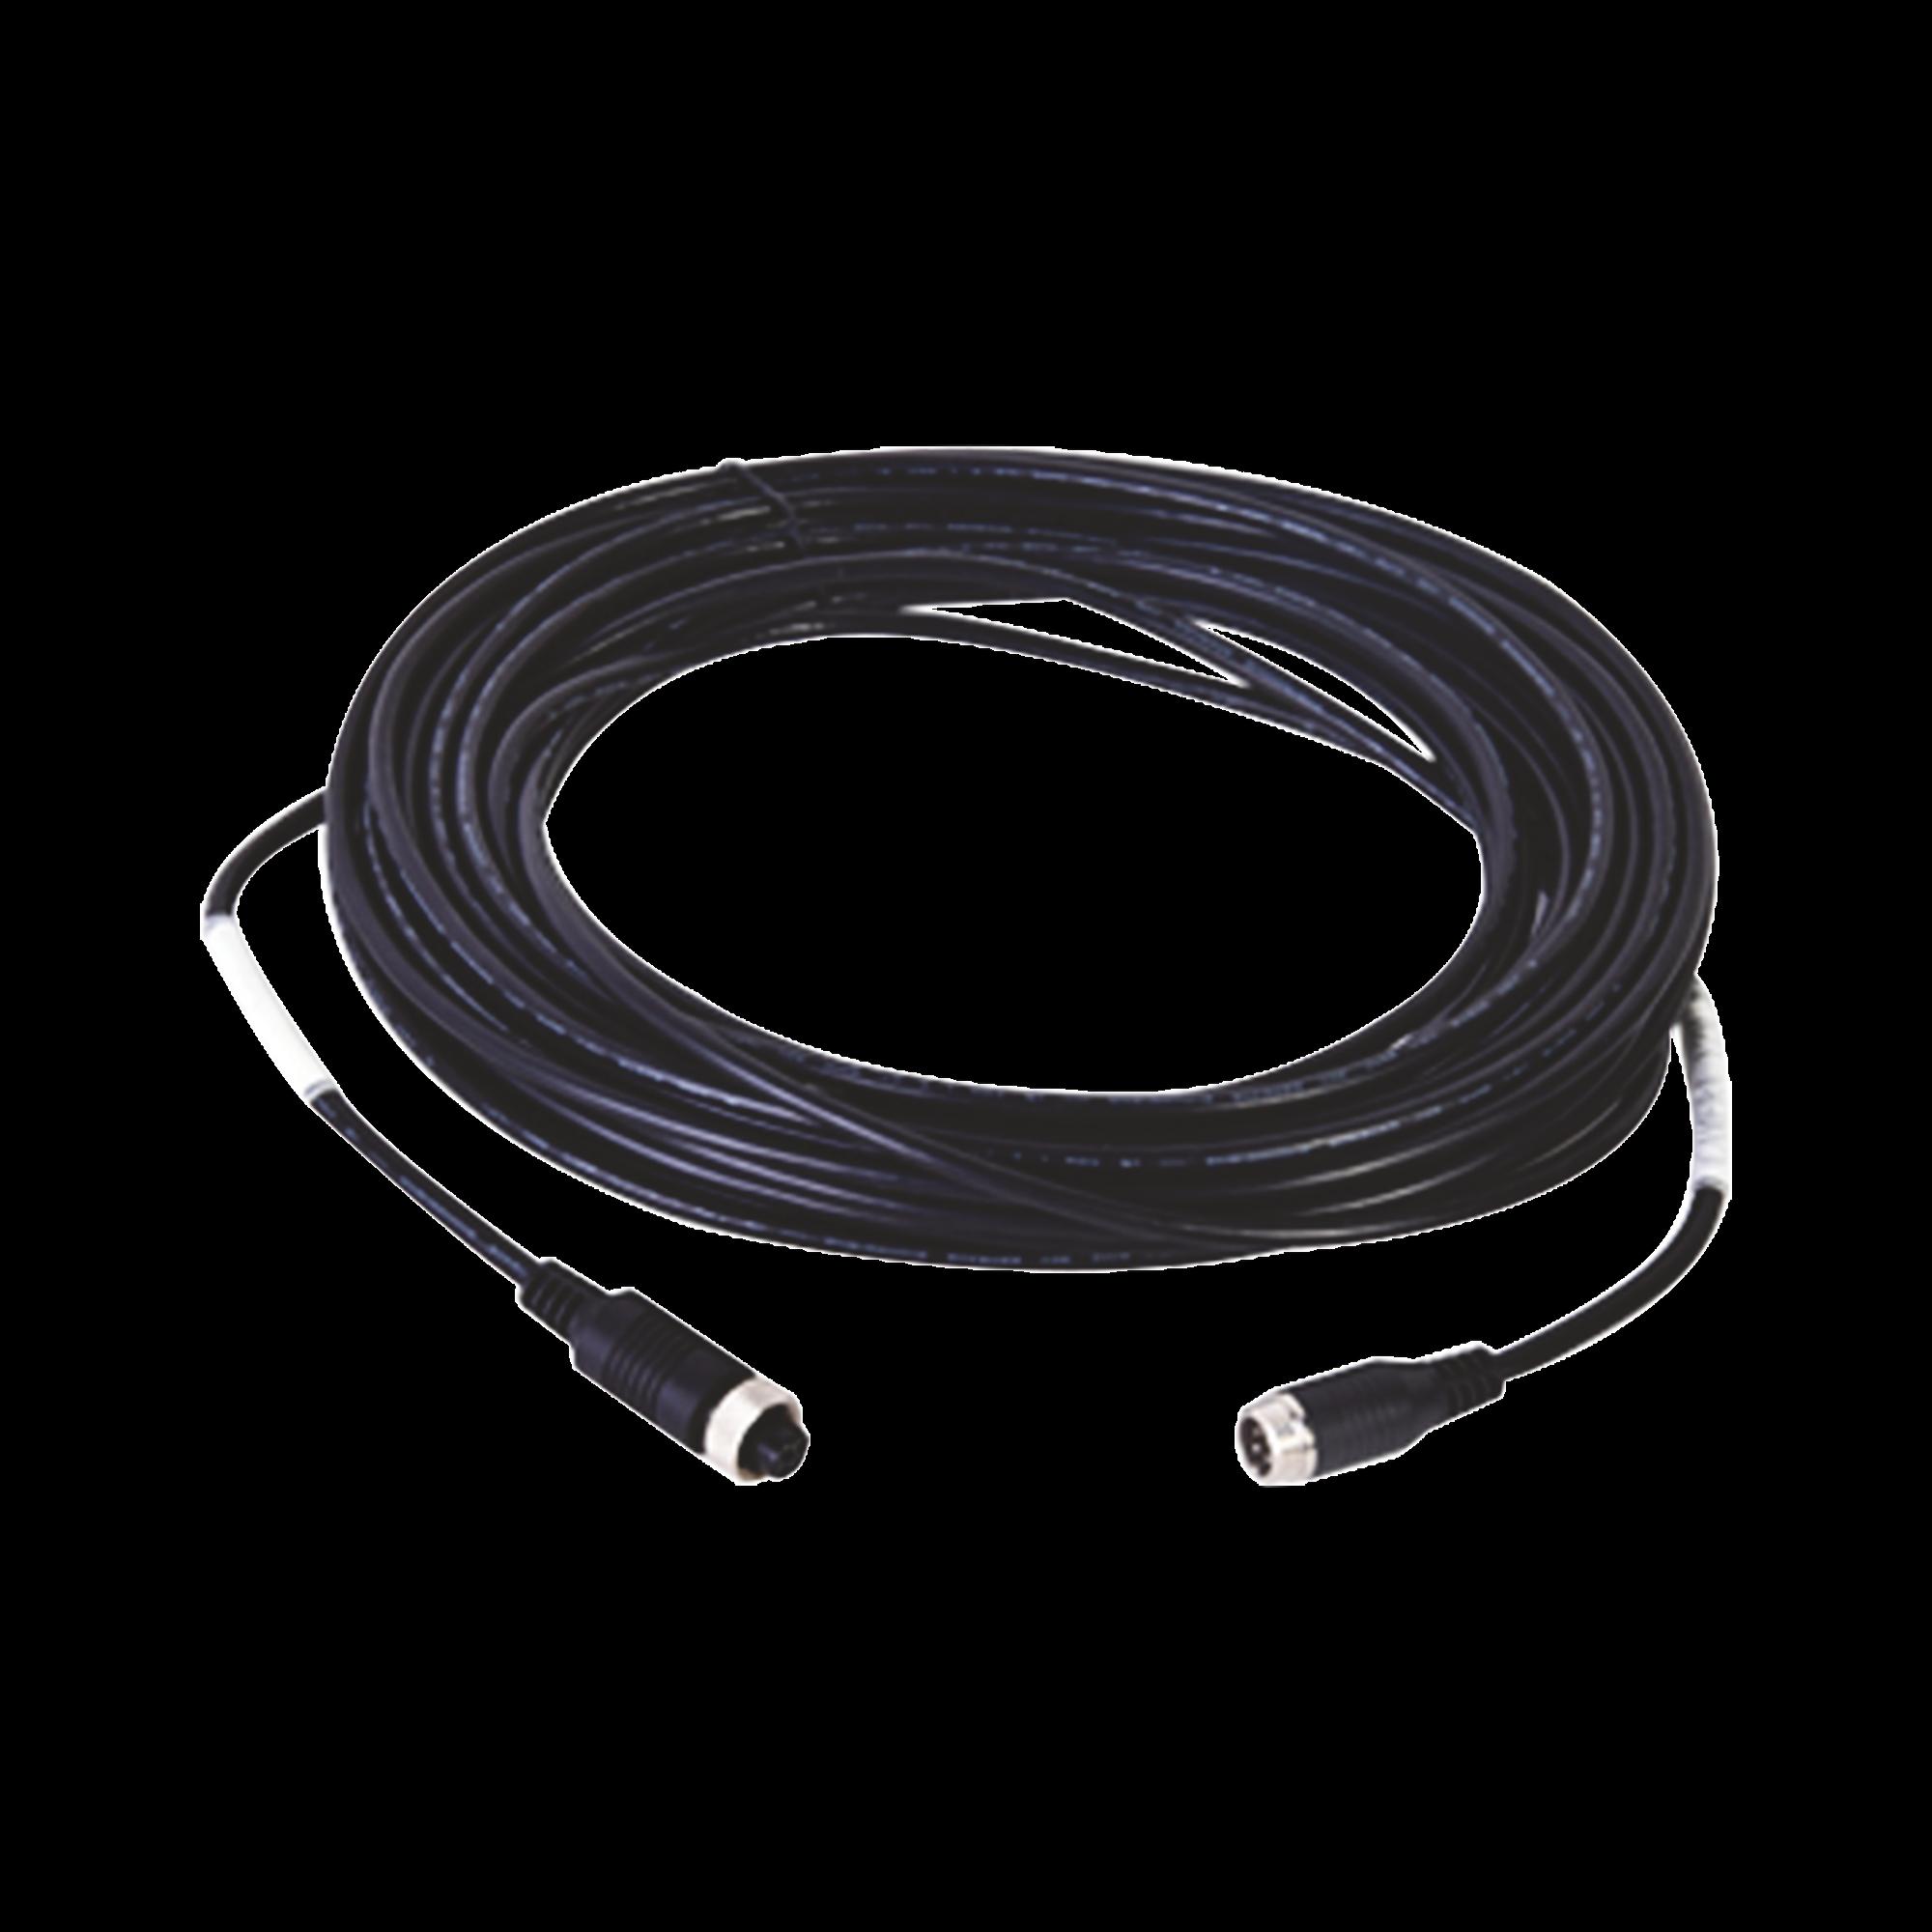 Cable Extensor de Vídeo y Audio de 10 Metros / Conector Tipo Aviación / Compatible con Cámara Móvil HIKVISION